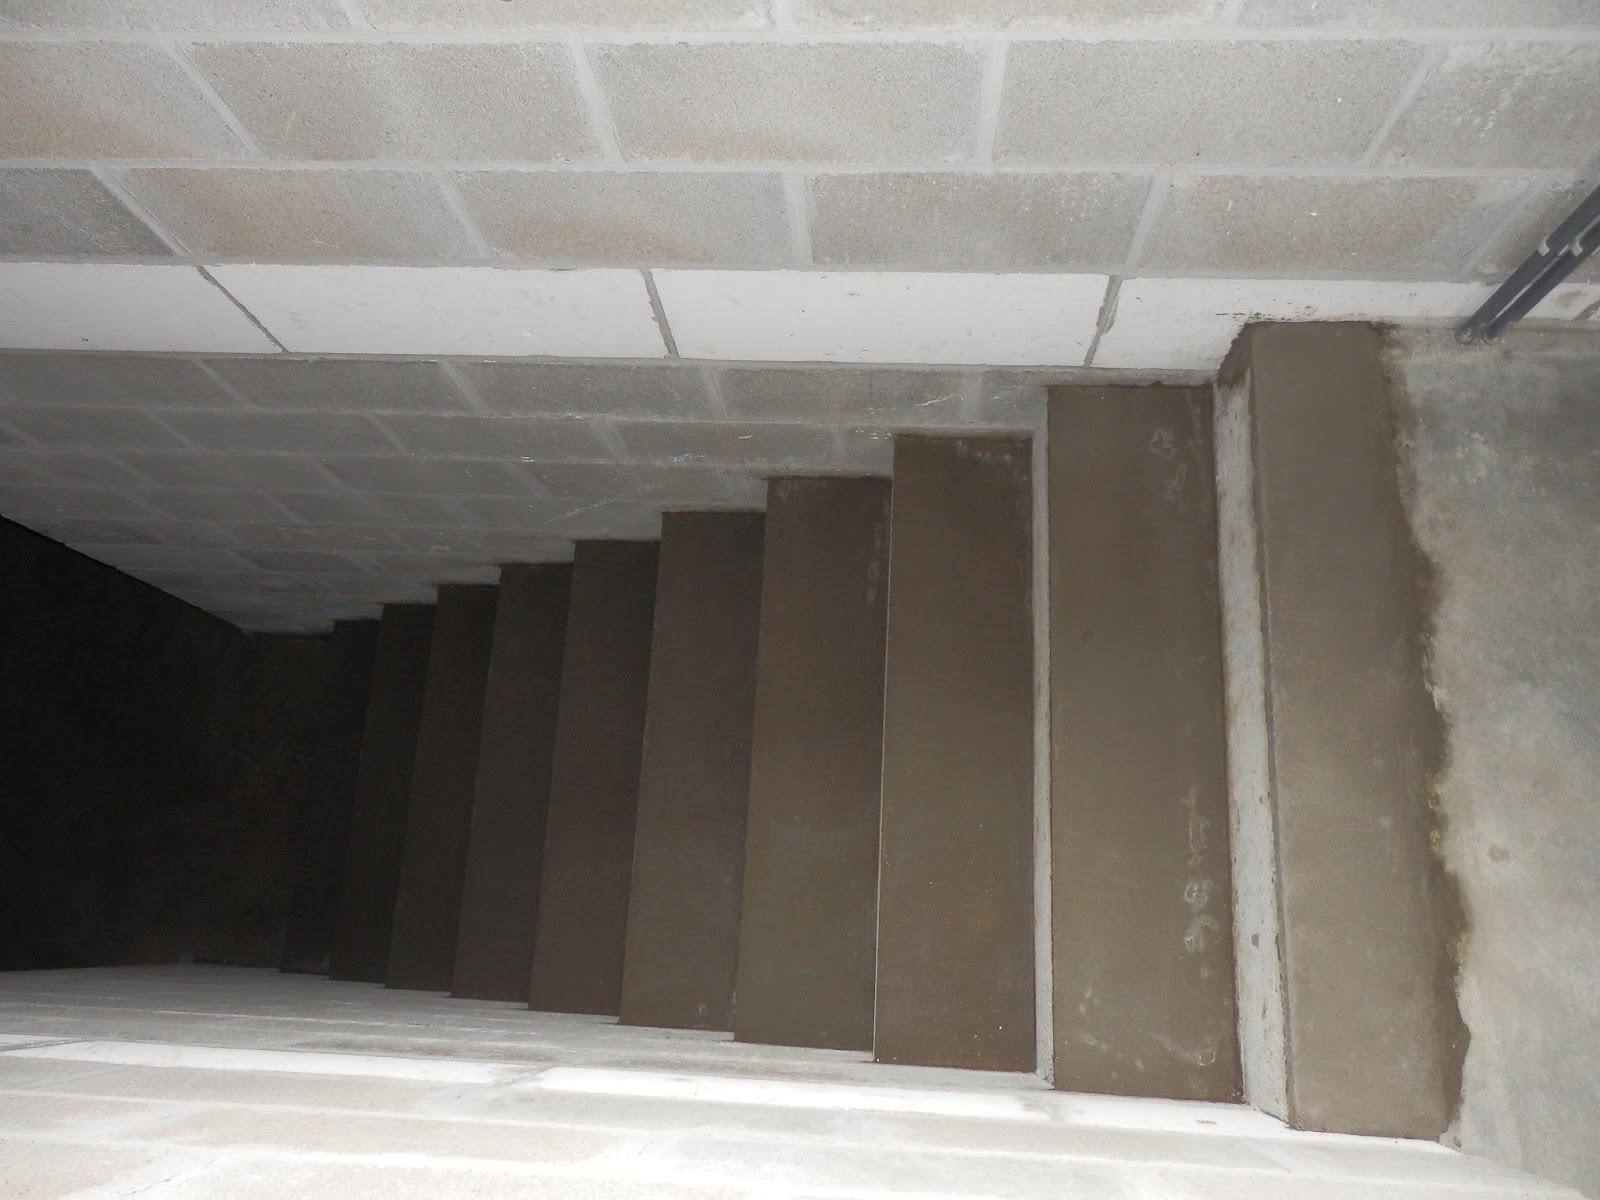 Notre maison constuction avec t p vcm et escalier de la - Peinture speciale escalier ...